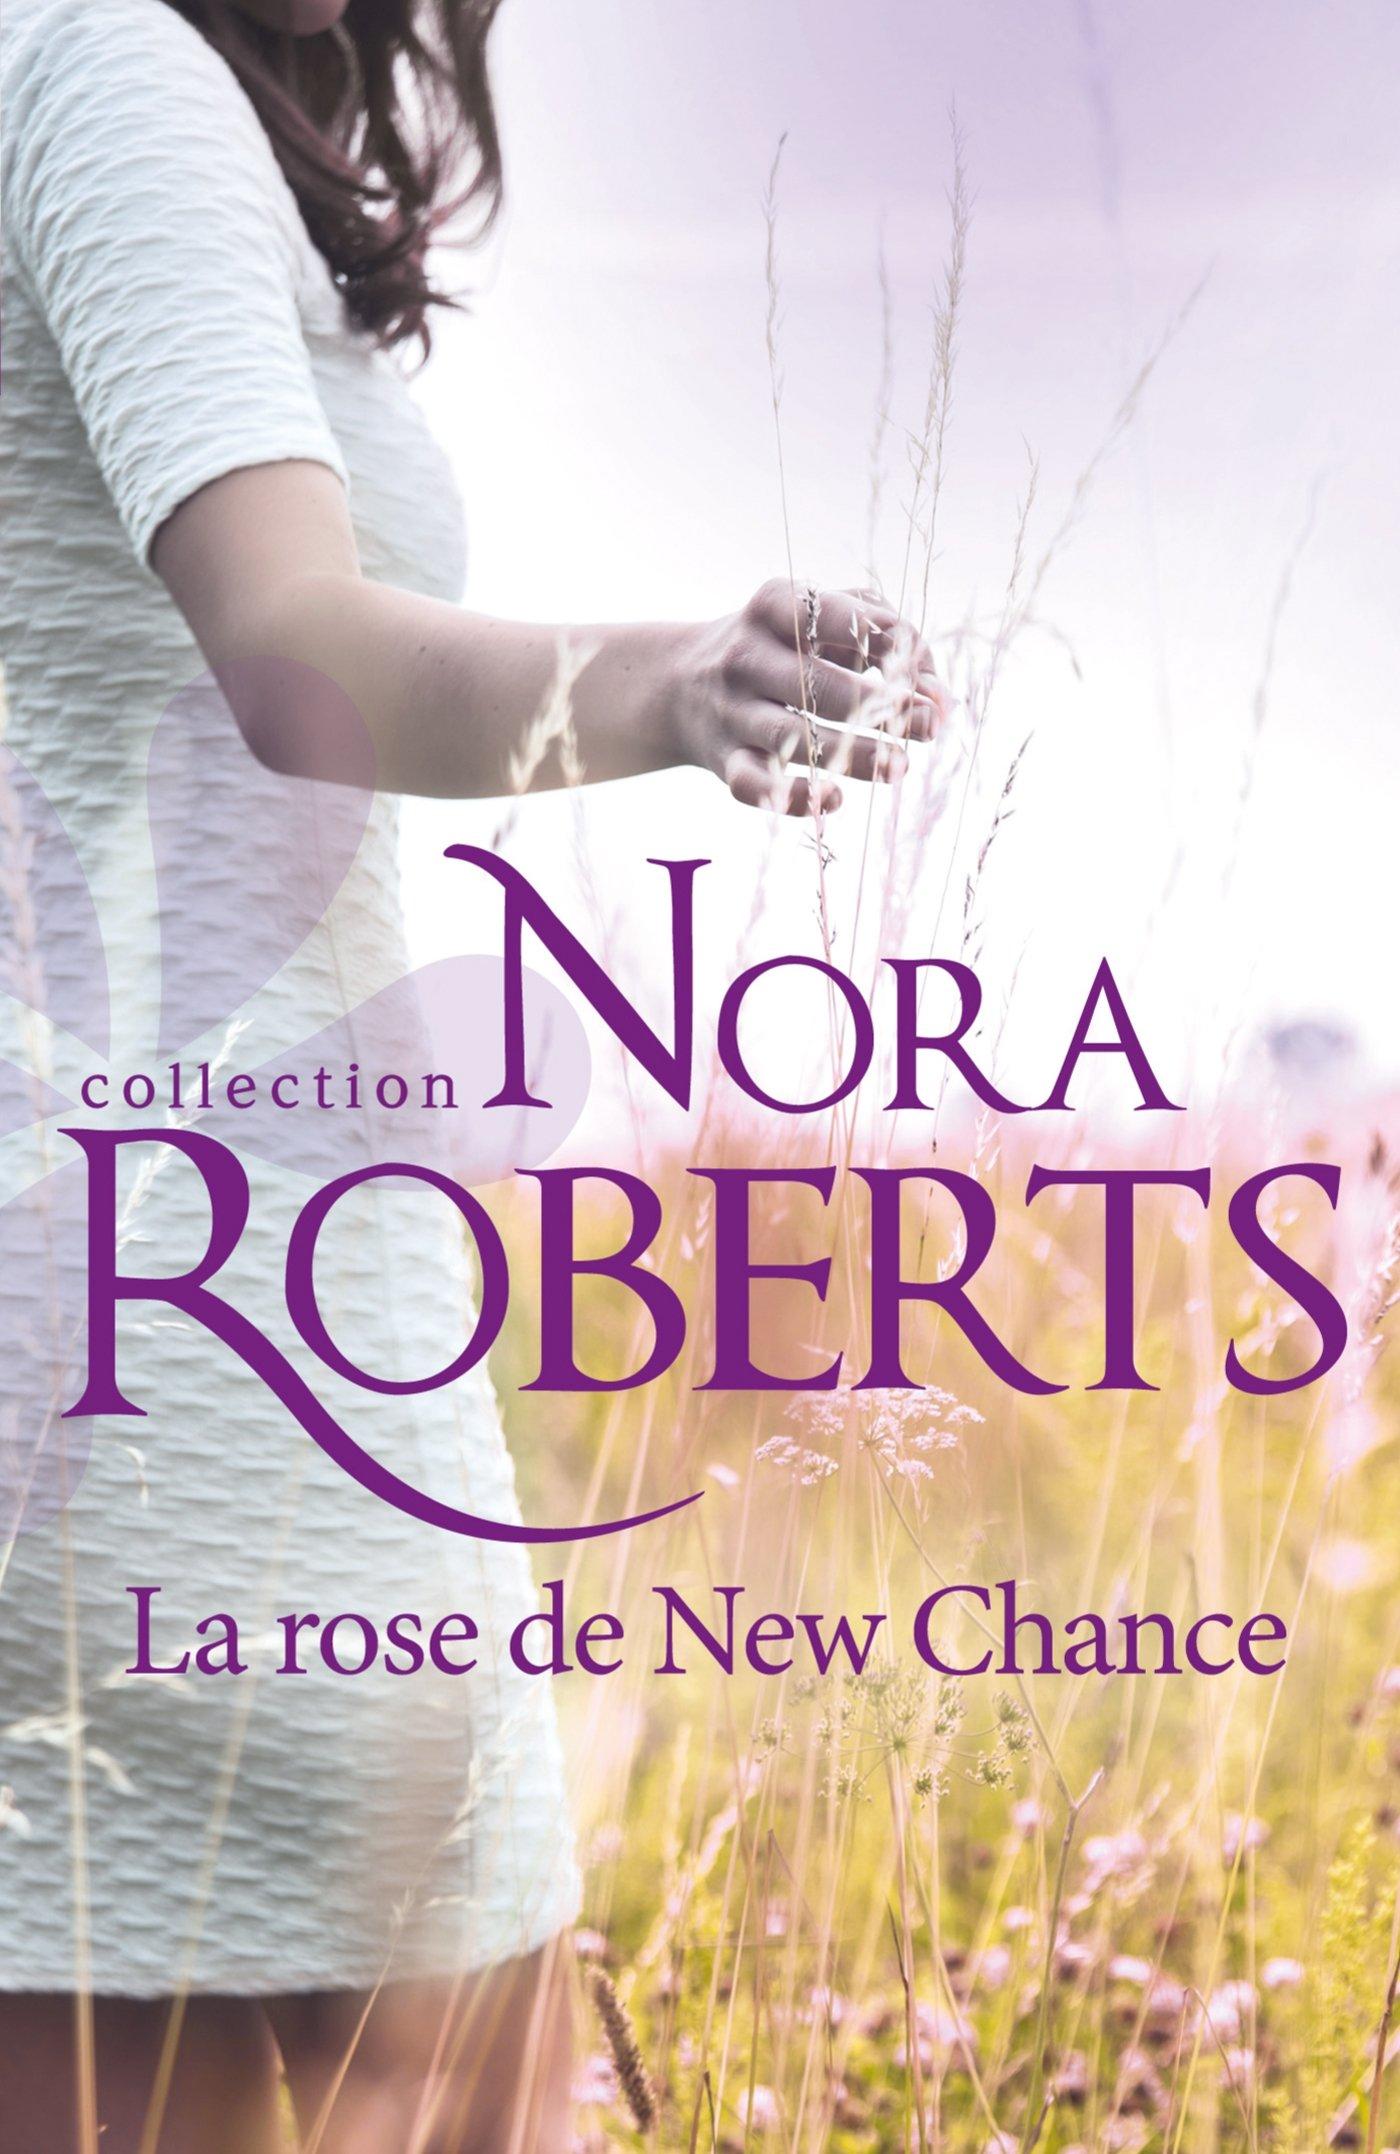 La rose de New Chance - Un homme à aimer 81pxi2ZdCuL